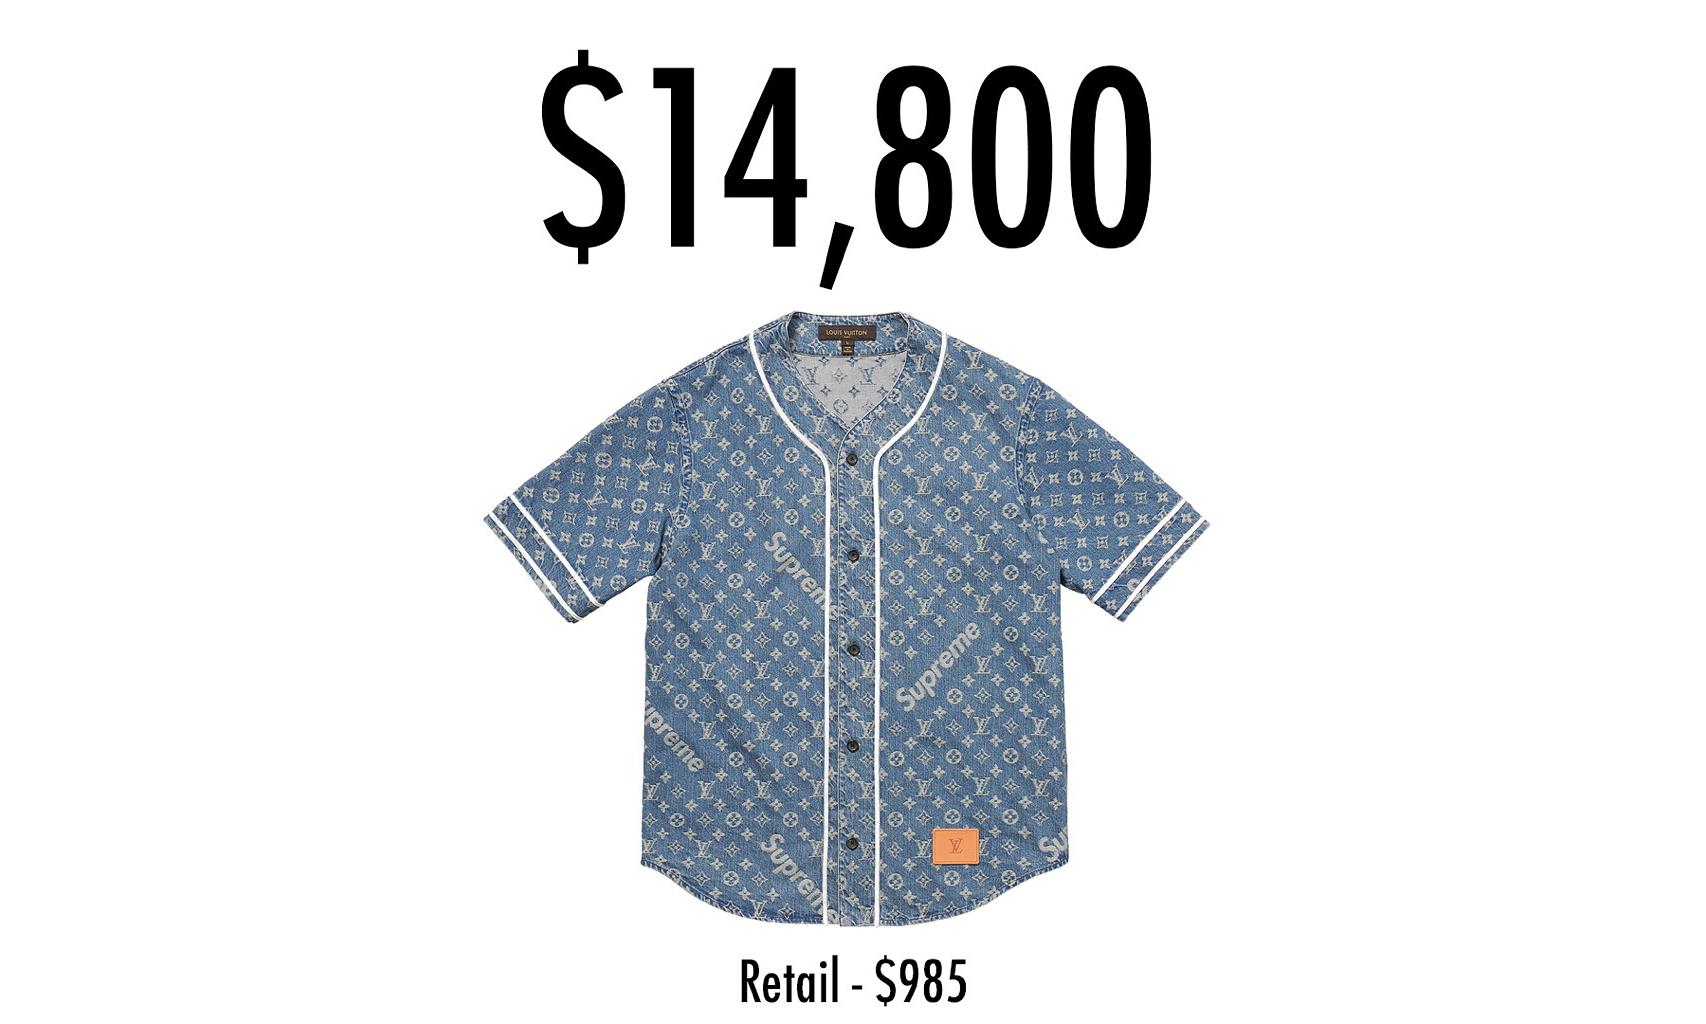 10 万一件!Supreme x LV 在 eBay 最高成交价如此疯狂